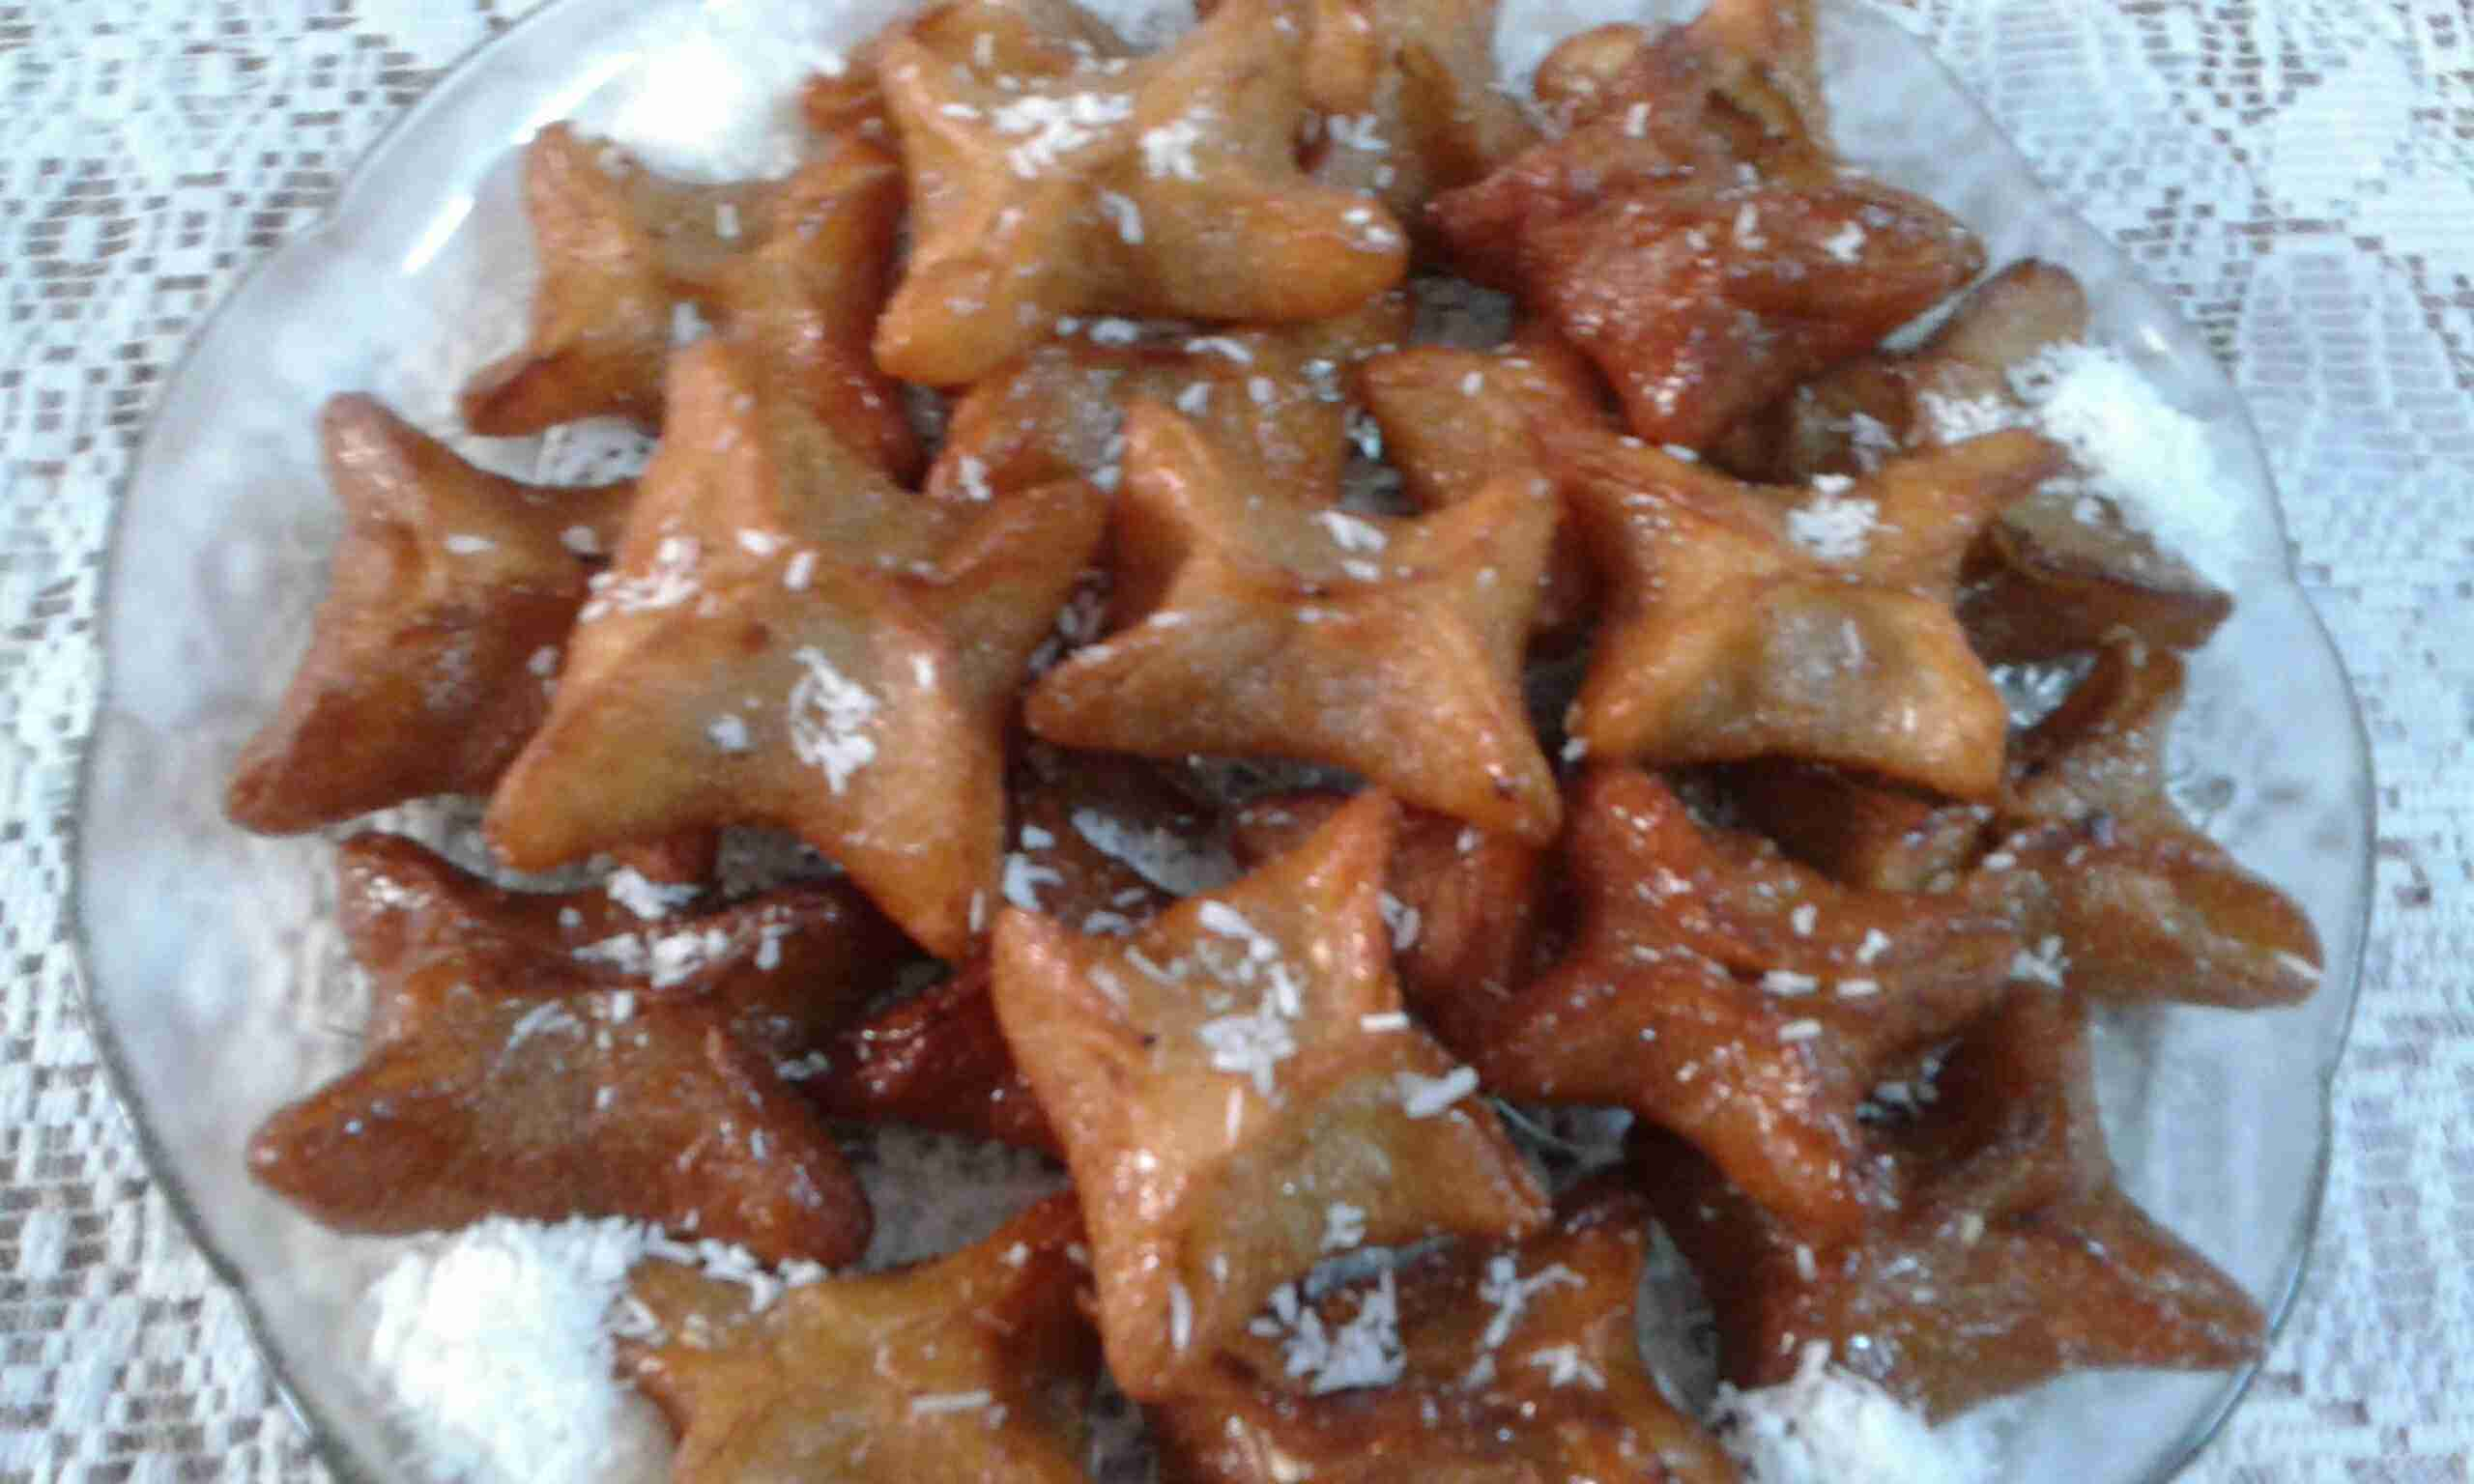 حلى النجمه بالسميد والجوز والقرفه مسابقة الأطباق الجانبية في رمضان